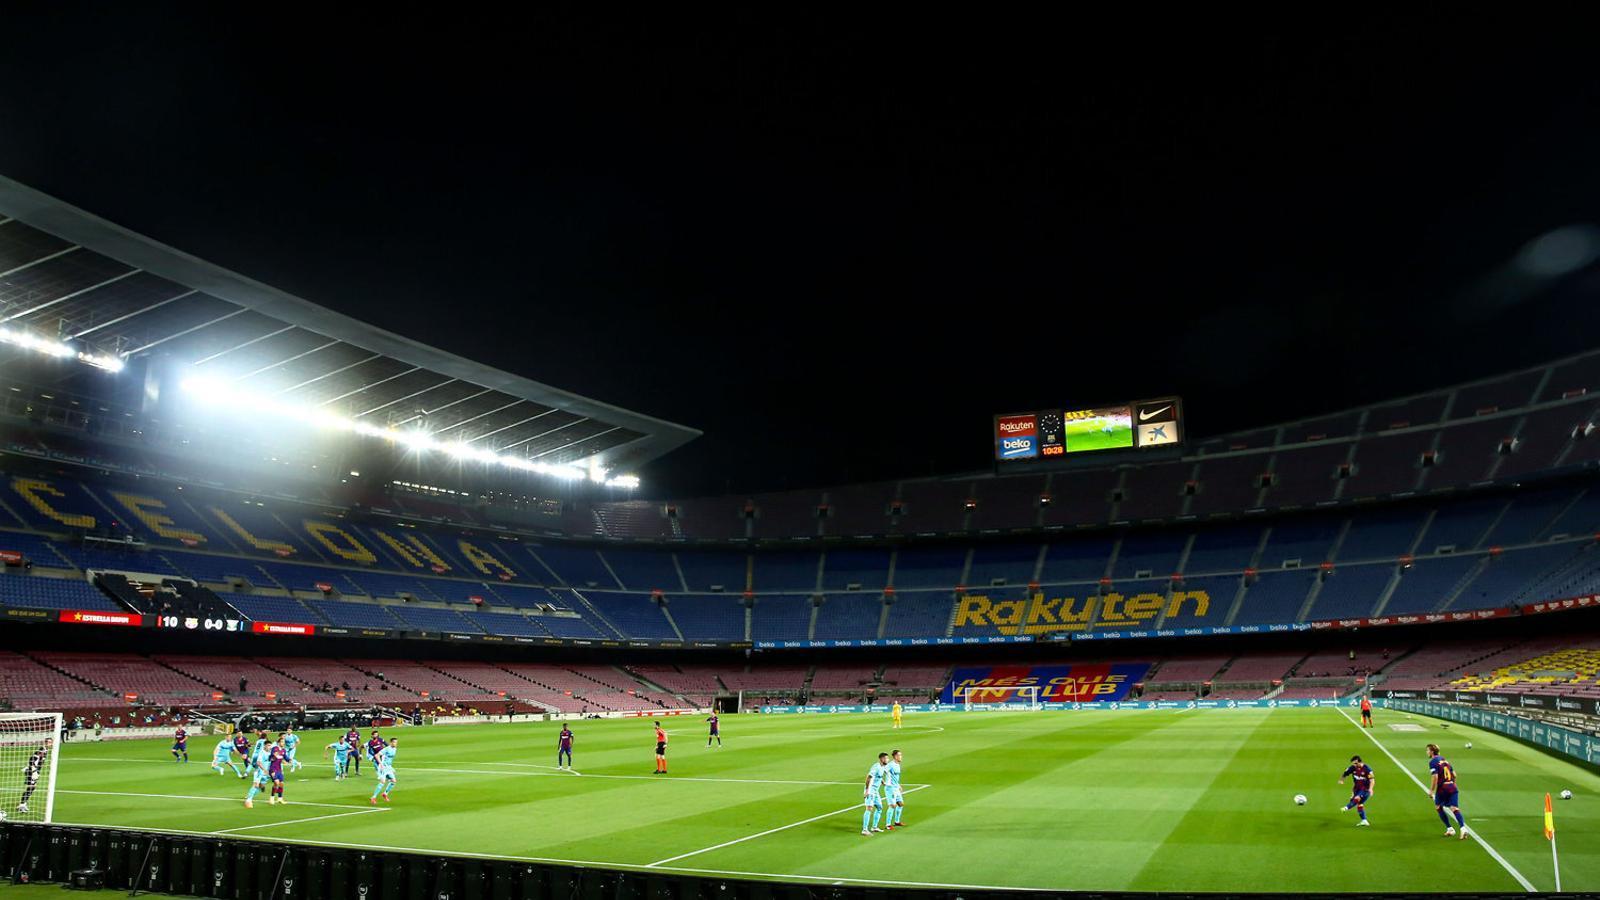 El Camp Nou sense espectadors durant el partit entre el Barça i el Leganés.